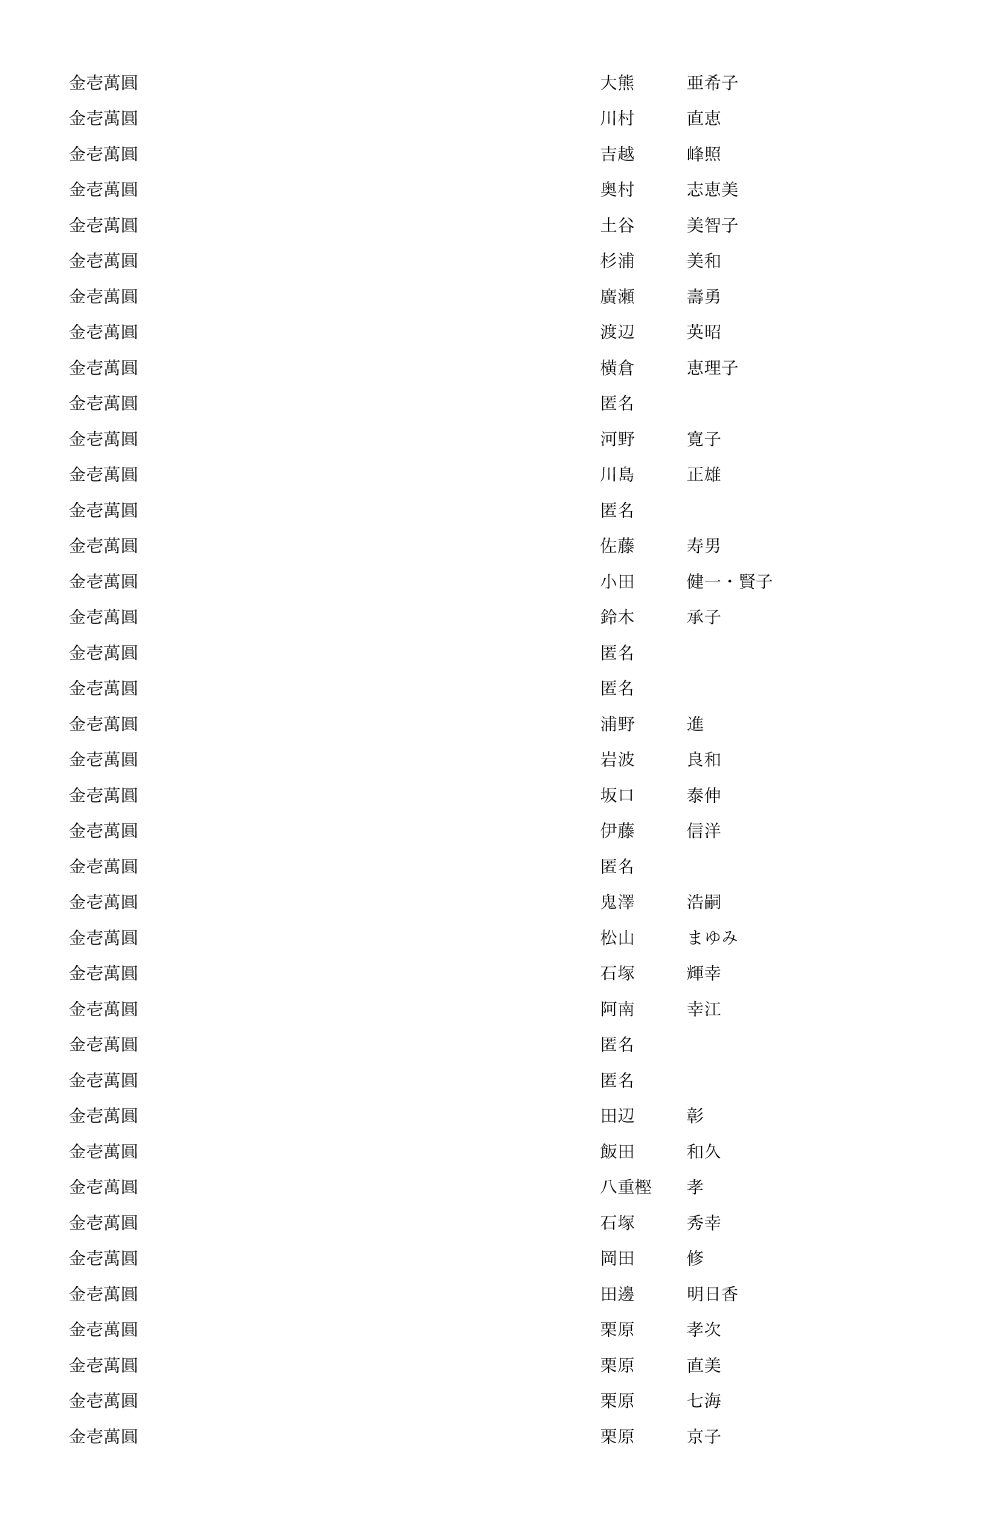 御鎮座七百年記念事業奉賛者御芳名簿12